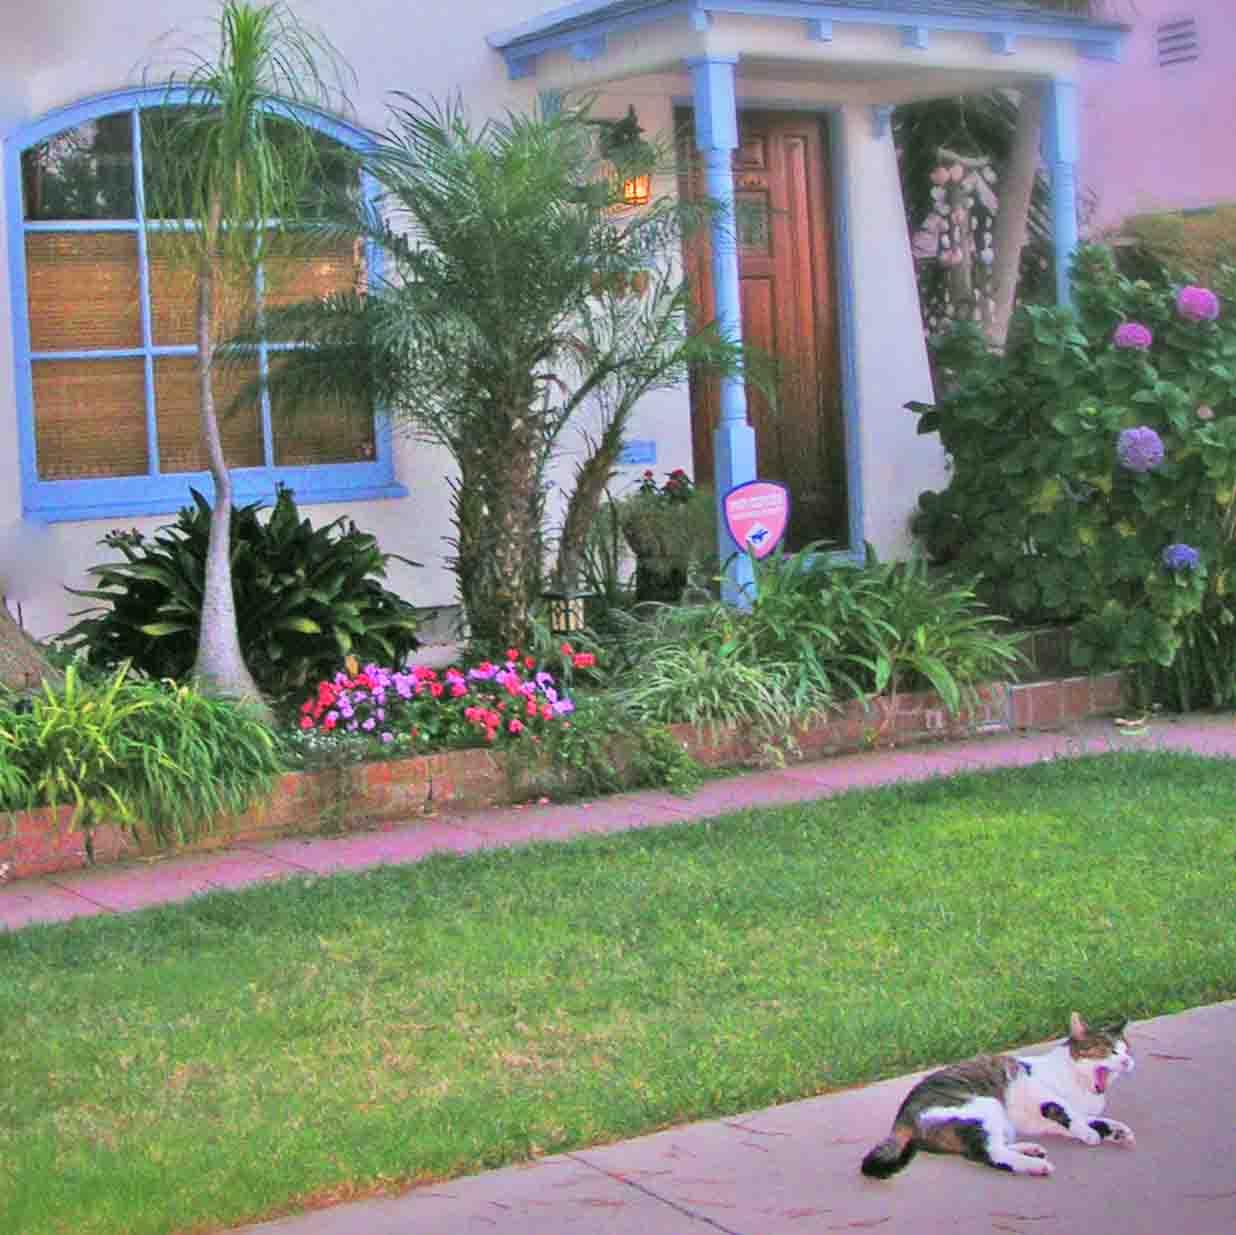 Kihei relaxing front yard cropped.jpg